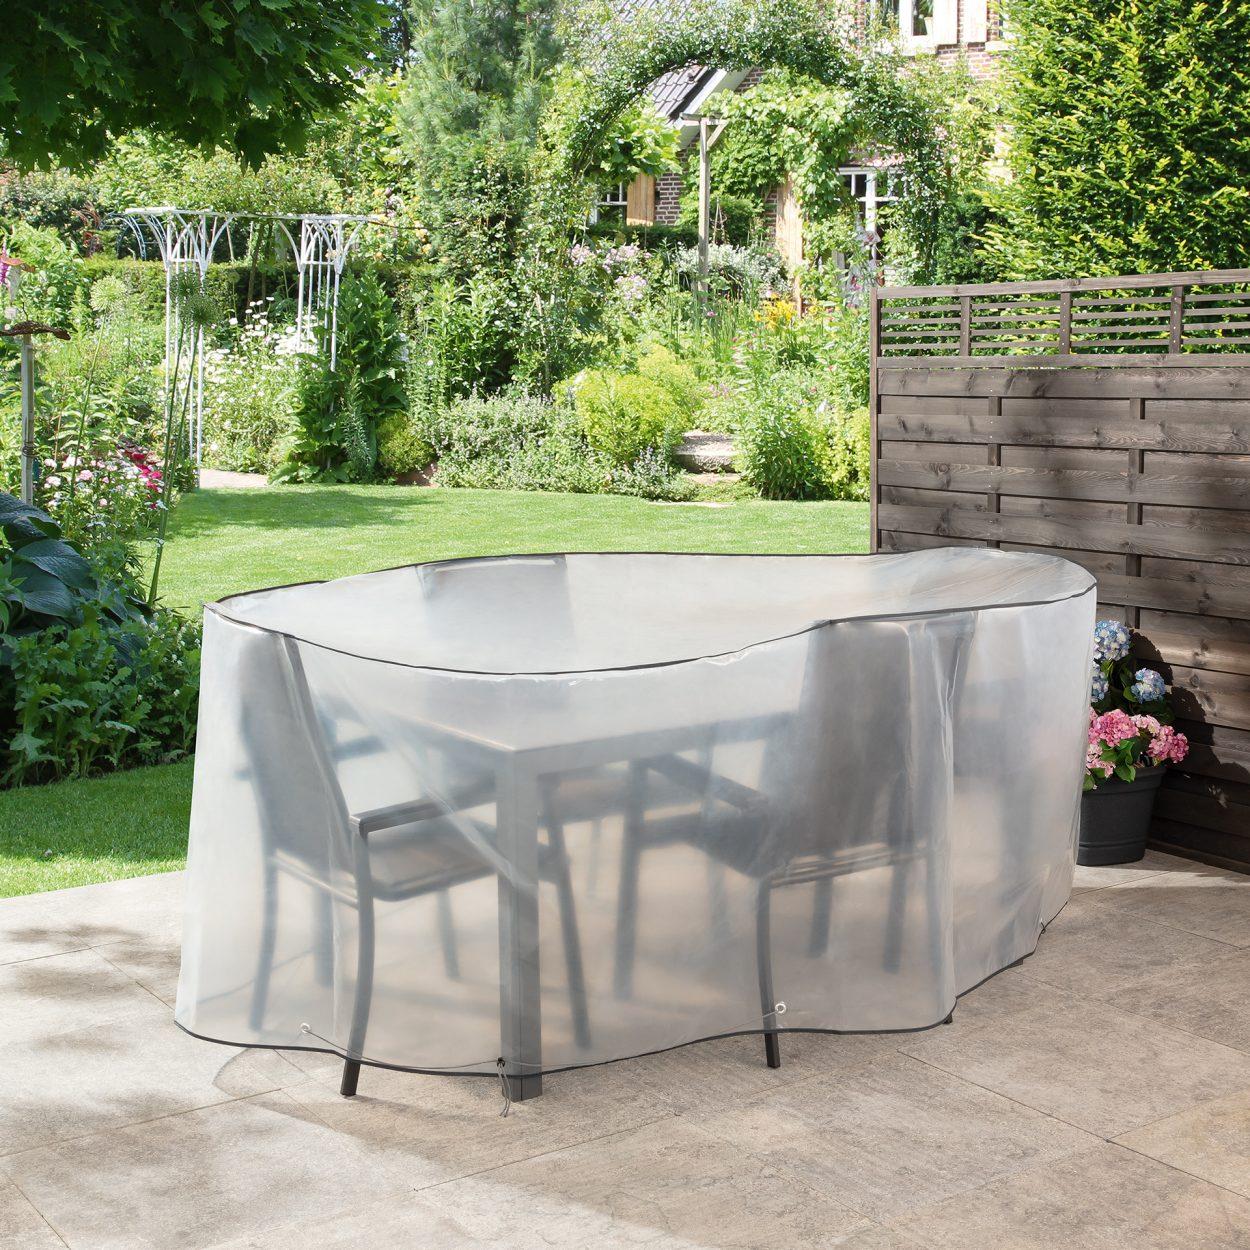 Full Size of Schutzhlle Fr Gartenmbel Grillgerte Sonnenliege Gnstig Relaxsessel Garten Aldi Wohnzimmer Sonnenliege Aldi